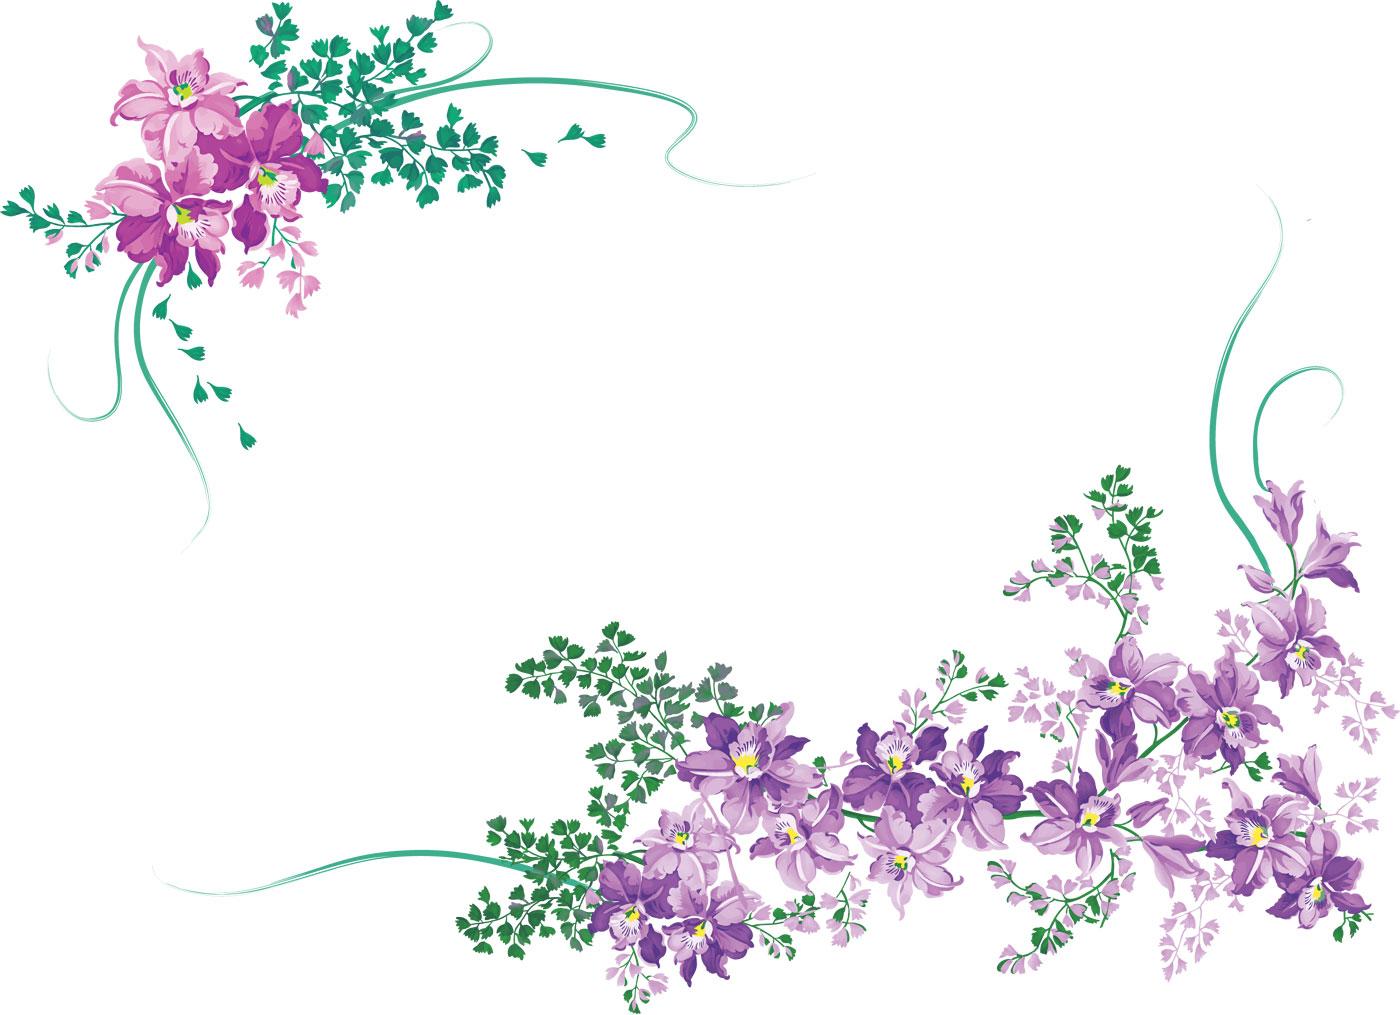 花のイラストフリー素材フレーム枠no451紫散る葉